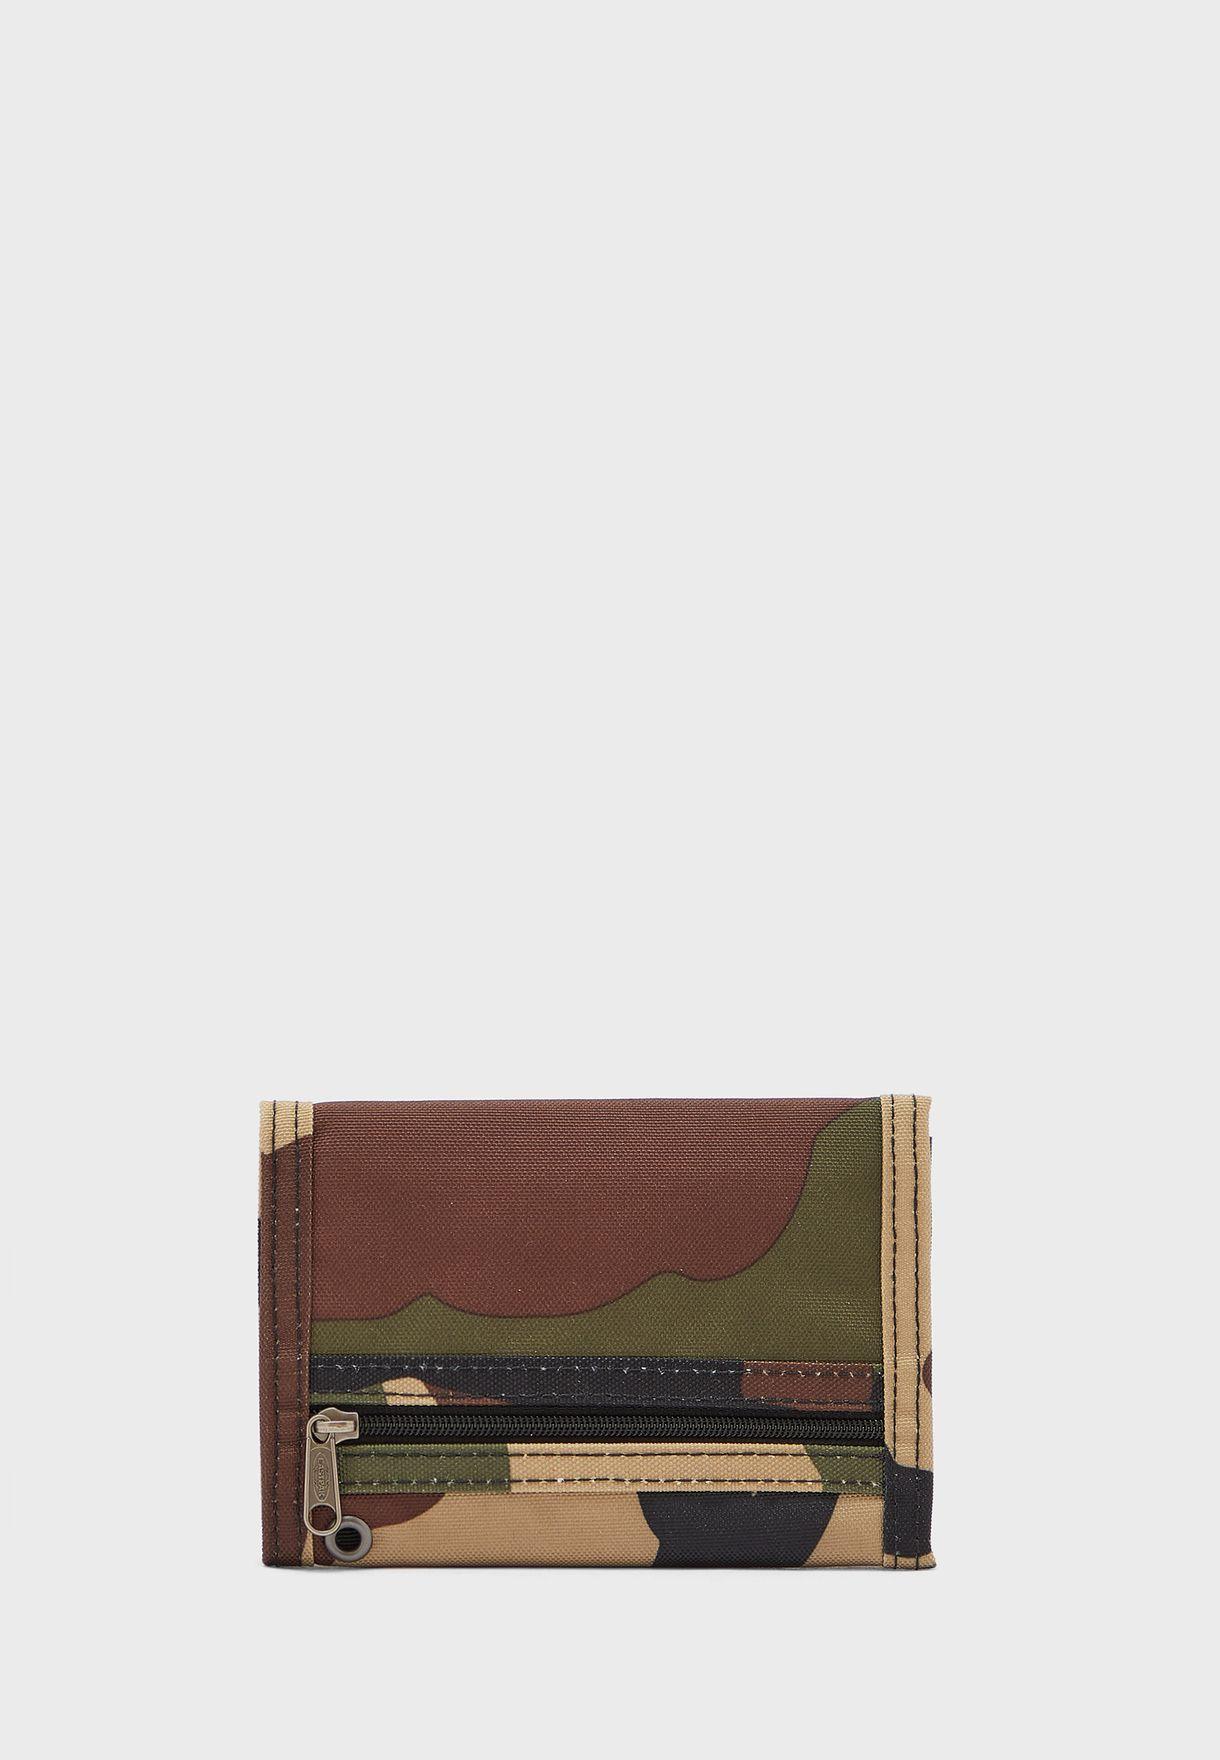 محفظة مطبعة بثلاث طيّات